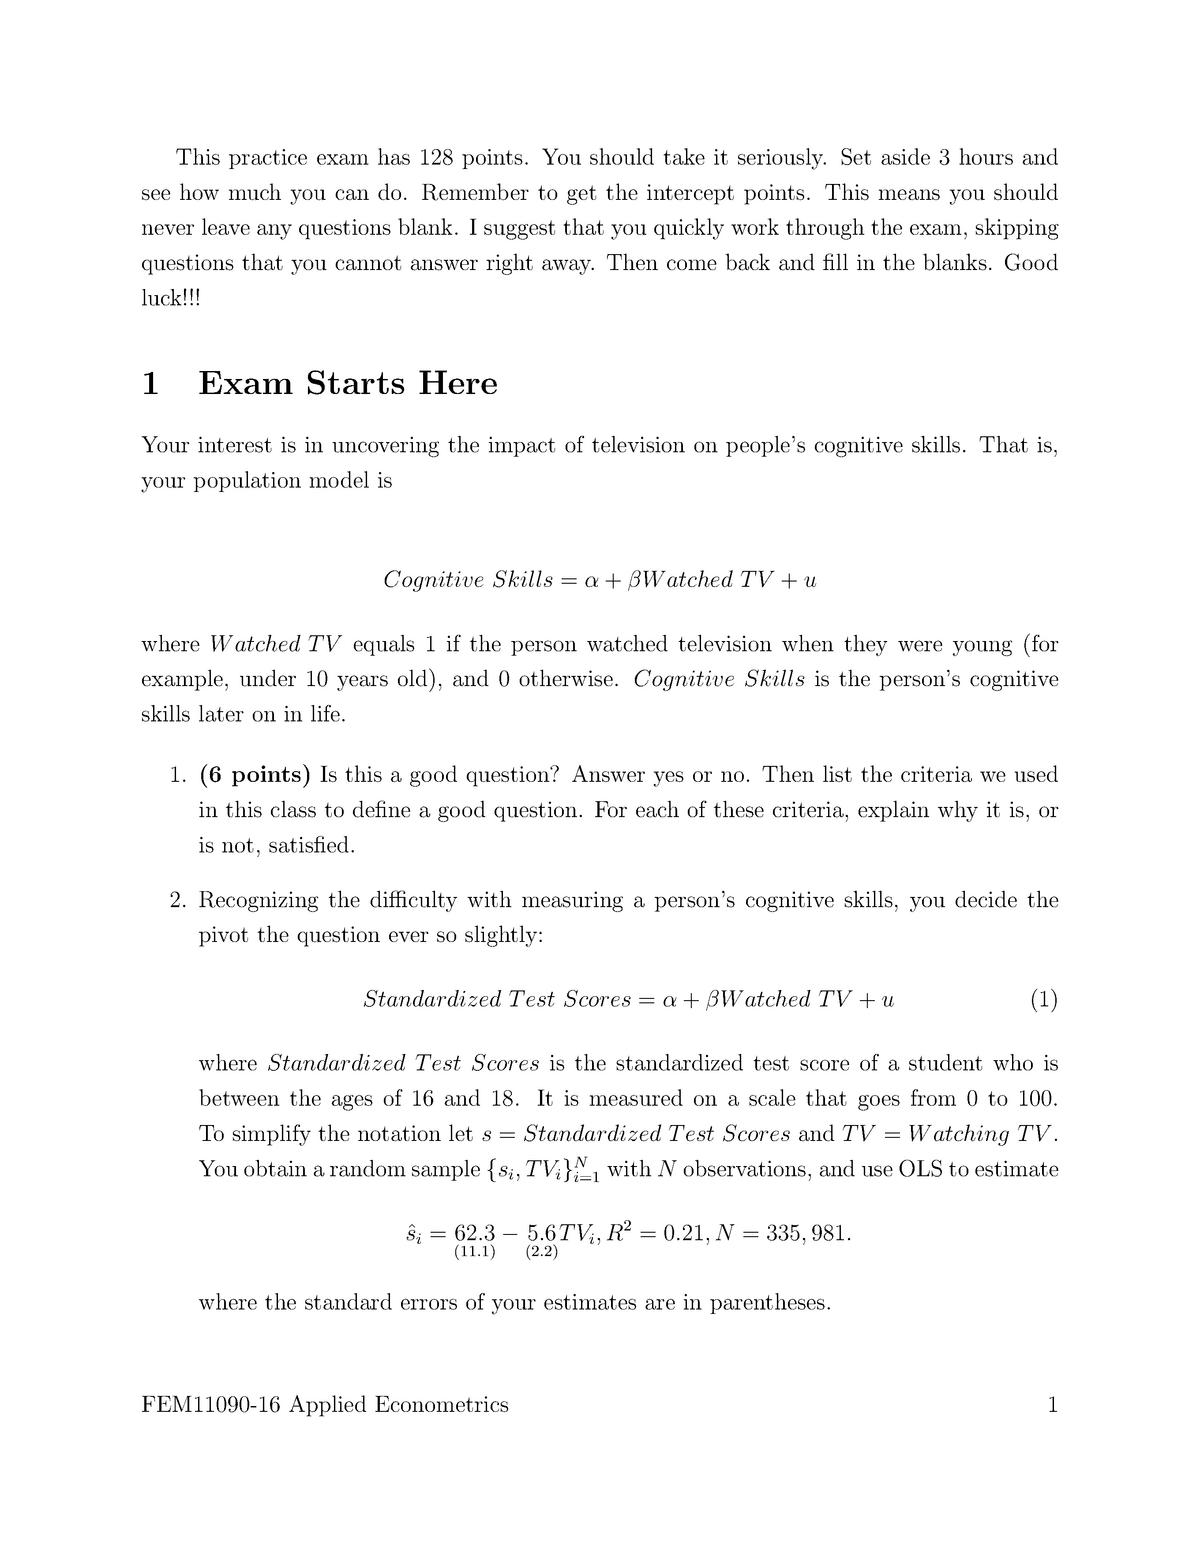 Exam 2016 - FEM11090: Applied Econometrics - StuDocu